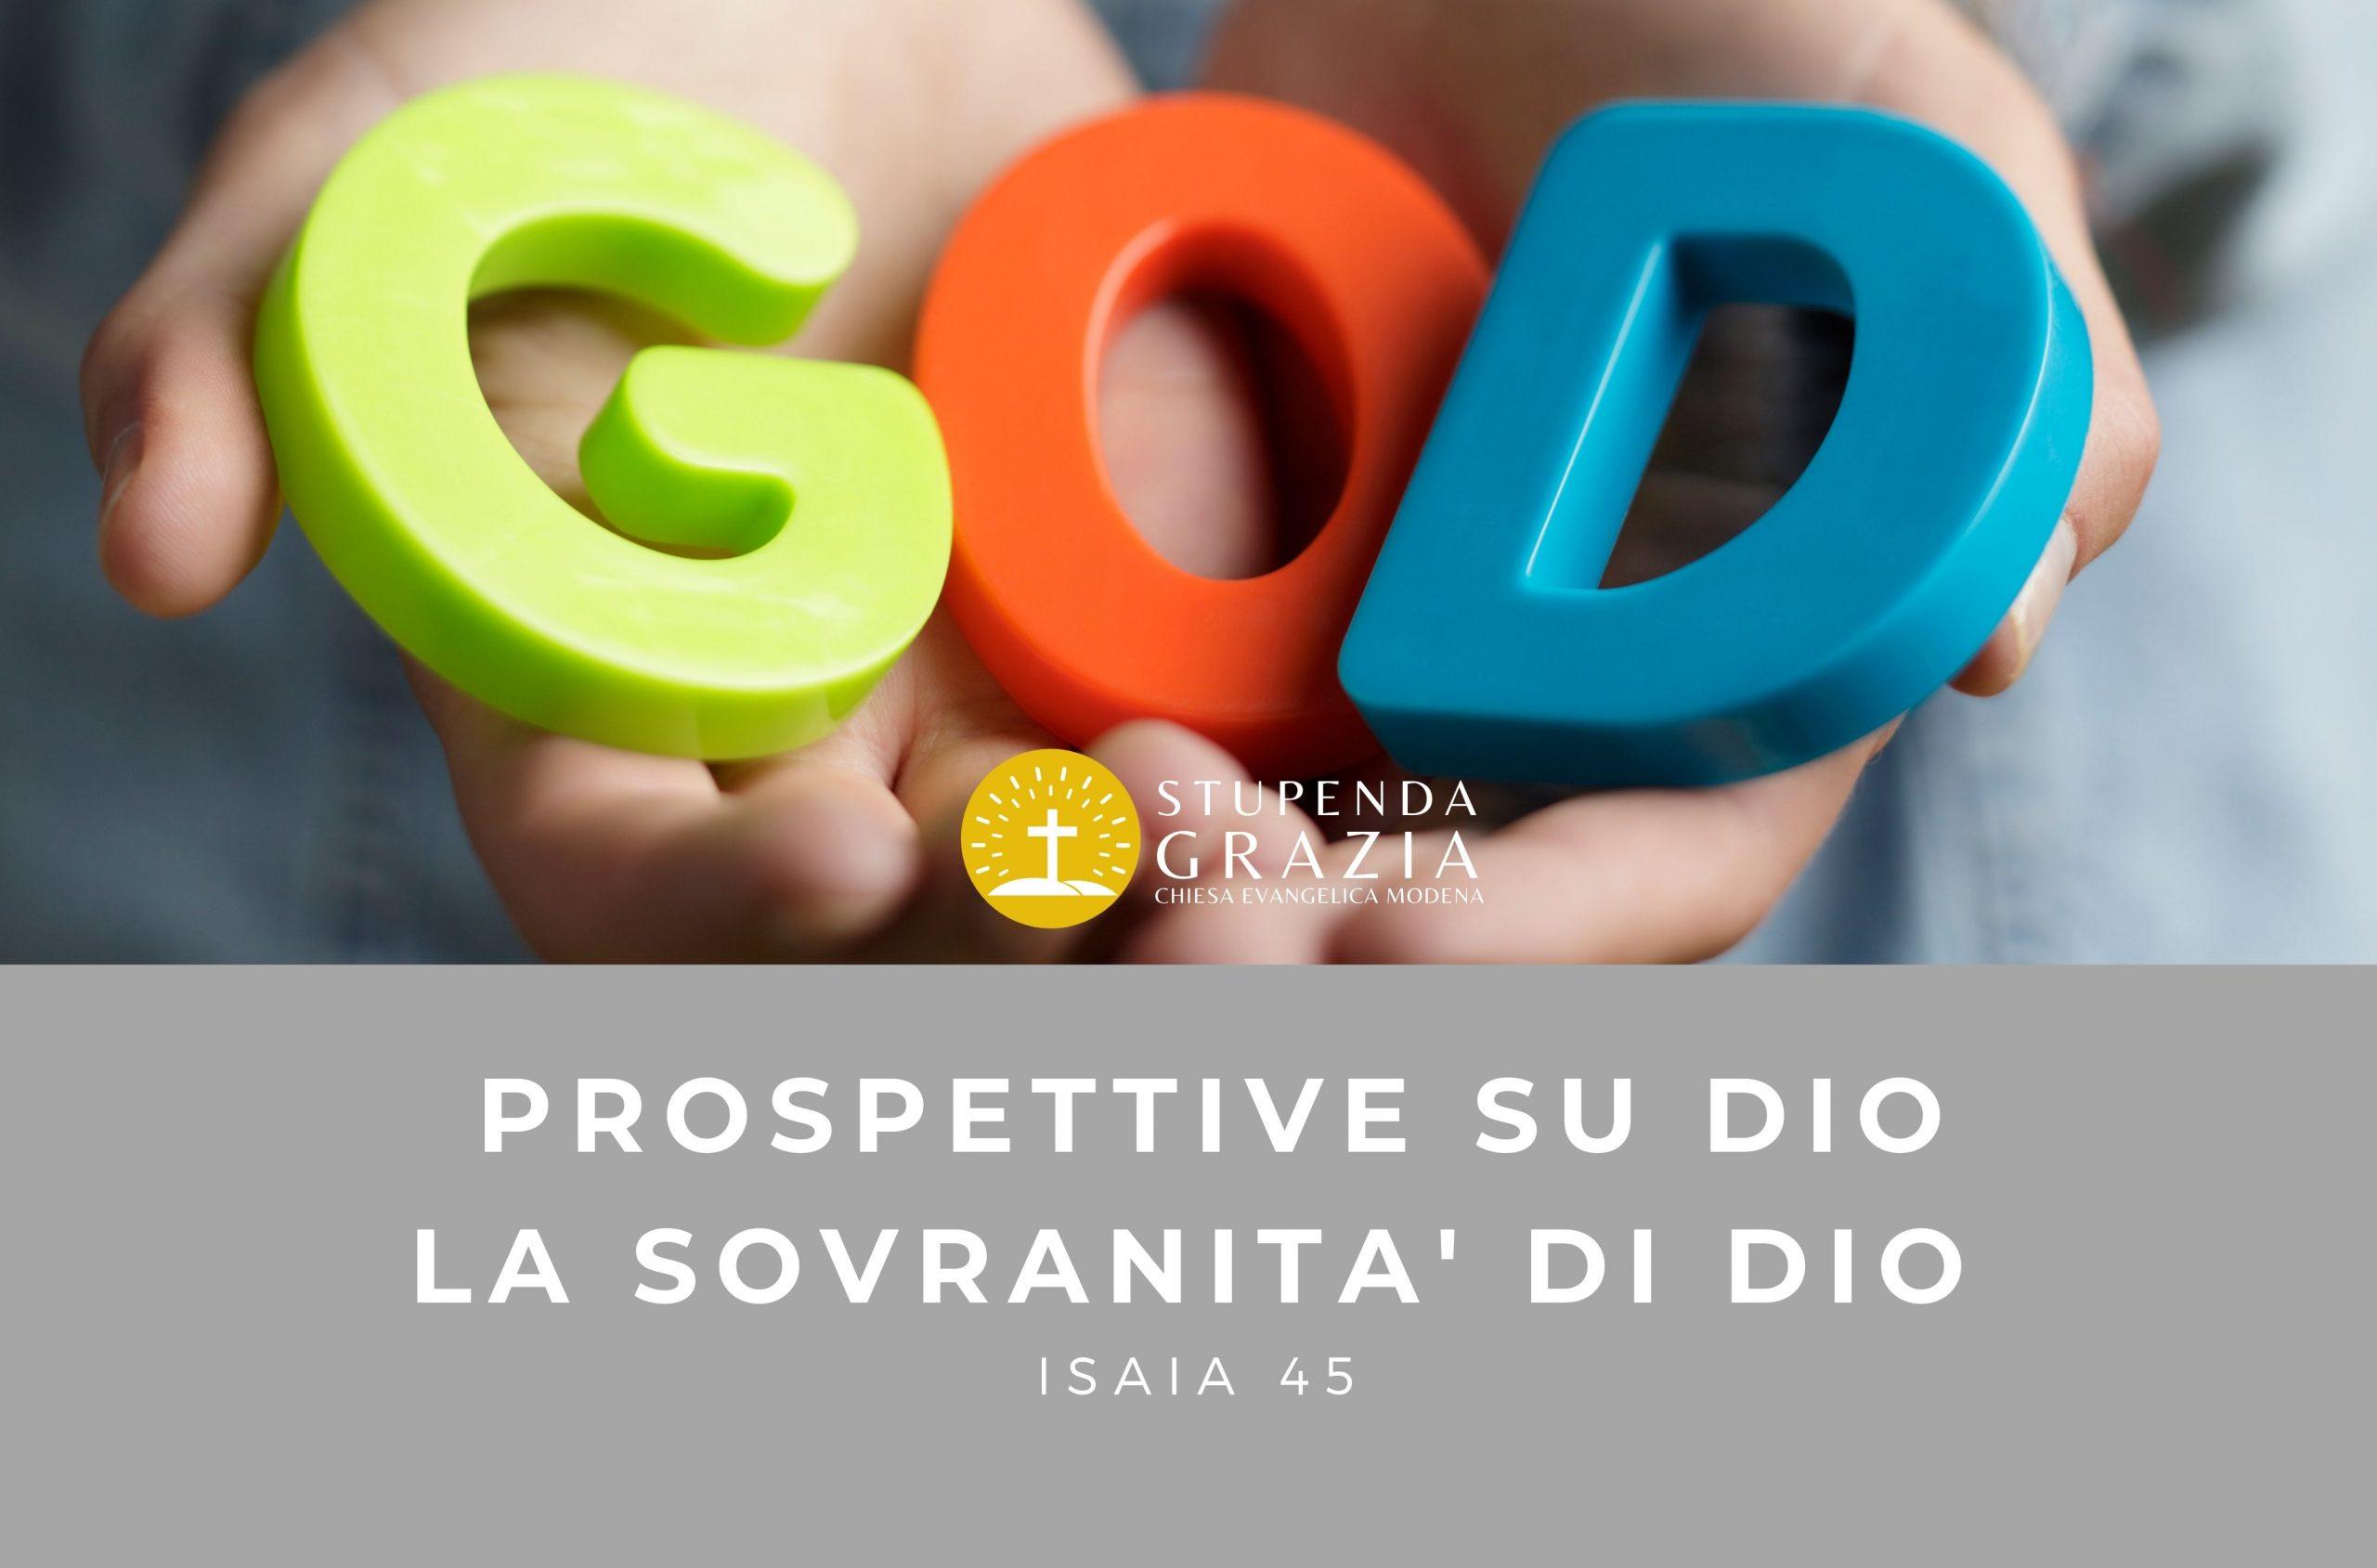 PROSPETTIVE SU DIO – LA SOVRANITA' DI DIO